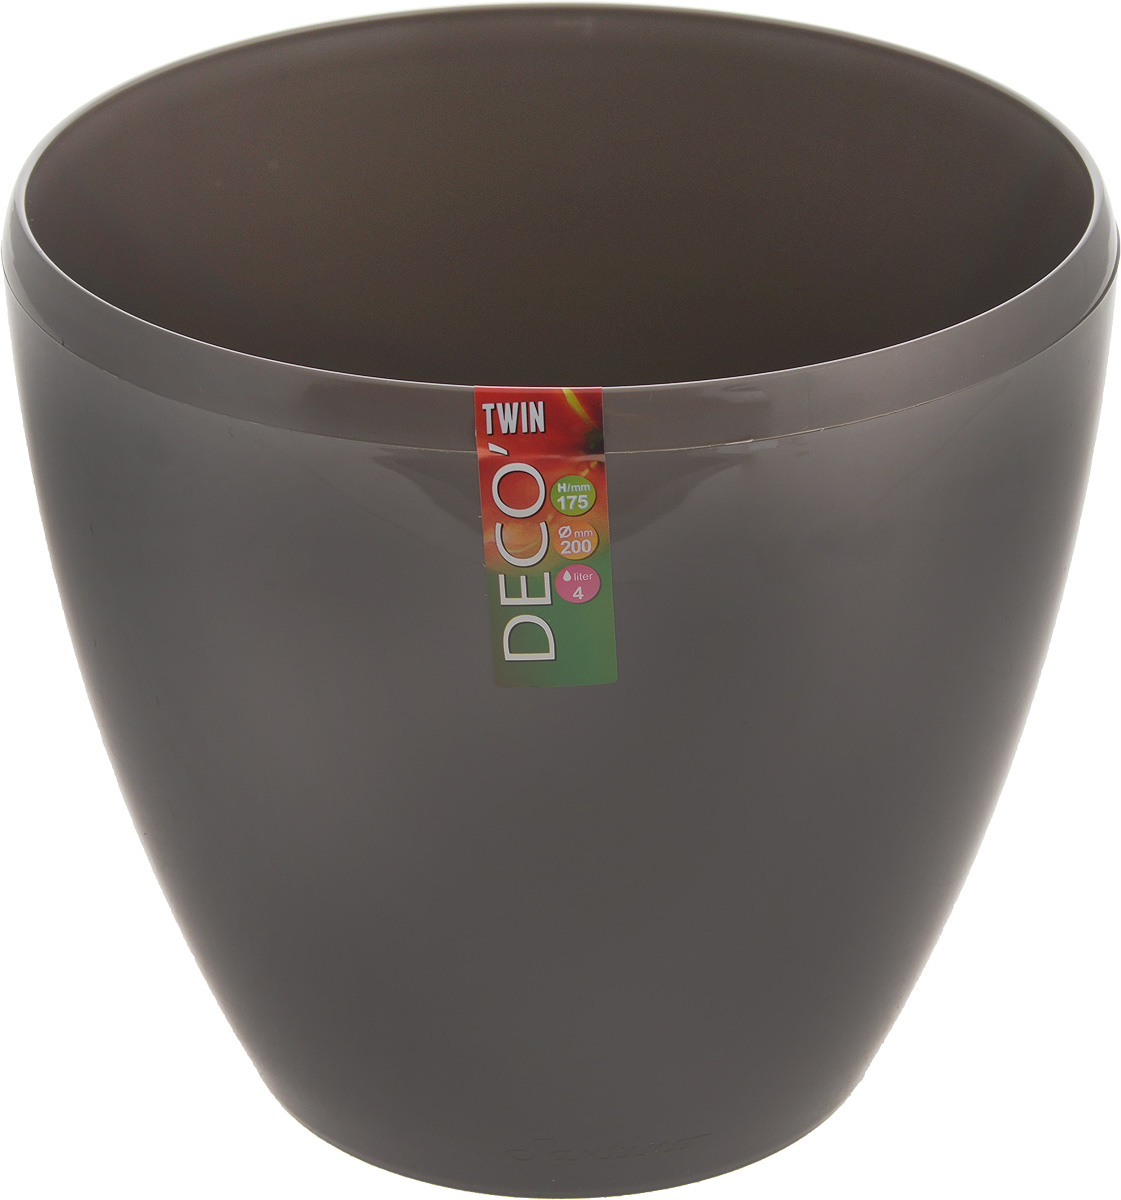 Горшок цветочный Santino Deco Twin, двойной, с системой автополива, цвет: шаде, 4 лДЕК 4 ШАДГоршок цветочный Santino Deco Twin снабжен дренажной системой и состоит из кашпо и вазона-вкладыша. Изготовлен из пластика. Особенность: тарелочка или блюдце не нужны. Горшок предназначен для любых растений или цветов. Цветочный дренаж – это система, которая позволяет выводить лишнюю влагу через корневую систему цветка и слой почвы. Растение – это живой организм, следовательно, ему необходимо дышать. В доступе к кислороду нуждаются все части растения: -листья; -корневая система. Если цветовод по какой-либо причине зальет цветок водой, то она буквально вытеснит из почвенного слоя все пузырьки кислорода. Анаэробная среда способствует развитию различного рода бактерий. Безвоздушная среда приводит к загниванию корневой системы, цветок в результате увядает. Суть работы дренажной системы заключается в том, чтобы осуществлять отвод лишней влаги от растения и давать возможность корневой системе дышать без проблем. Следовательно, каждому цветку необходимо: -иметь в основании цветочного горшочка хотя бы одно небольшое дренажное отверстие. Оно необходимо для того, чтобы через него выходила лишняя вода, плюс ко всему это отверстие дает возможность циркулировать воздух. -на самом дне горшка необходимо выложить слоем в 2-5 см (зависит от вида растения) дренаж.УВАЖАЕМЫЕ КЛИЕНТЫ!Обращаем ваше внимание на тот факт, что фото изделия служит для визуального восприятия товара. Литраж и размеры, представленные на этикетке товара, могут по факту отличаться от реальных. Корректные данные в поле Размеры.